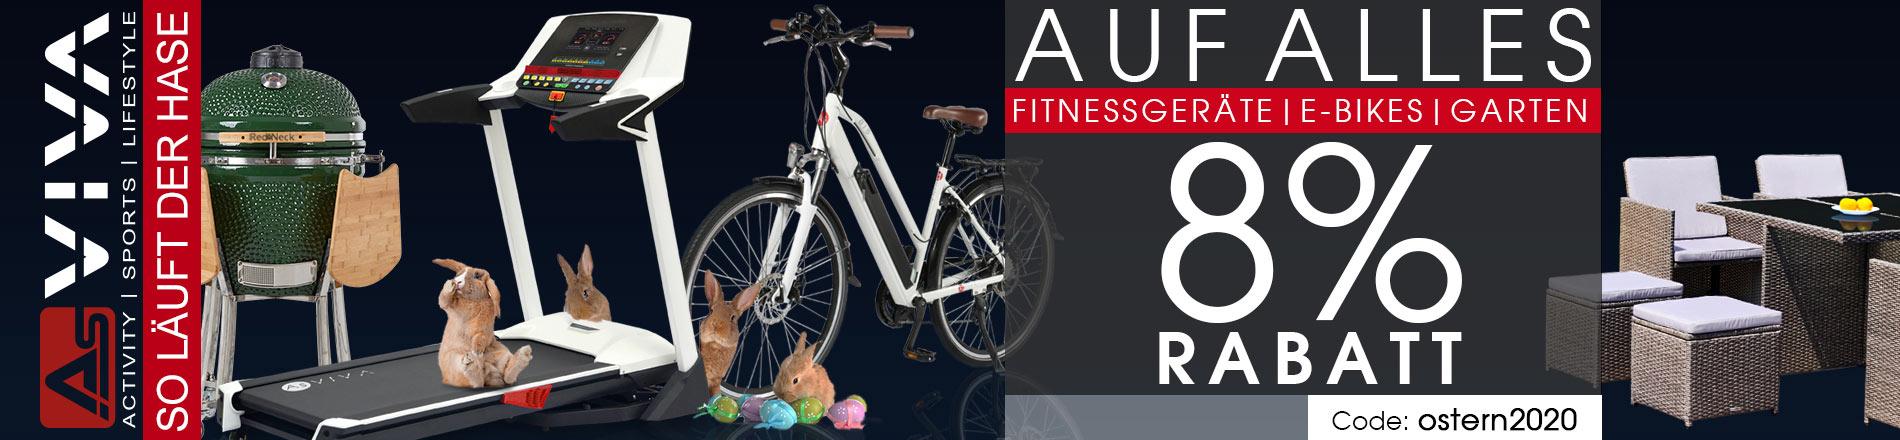 8% Oster-Rabatt Gutschein für Fitnessgeräte, E-Bikes, E-Scooter, Keramikgrilss und Gartenmöbel